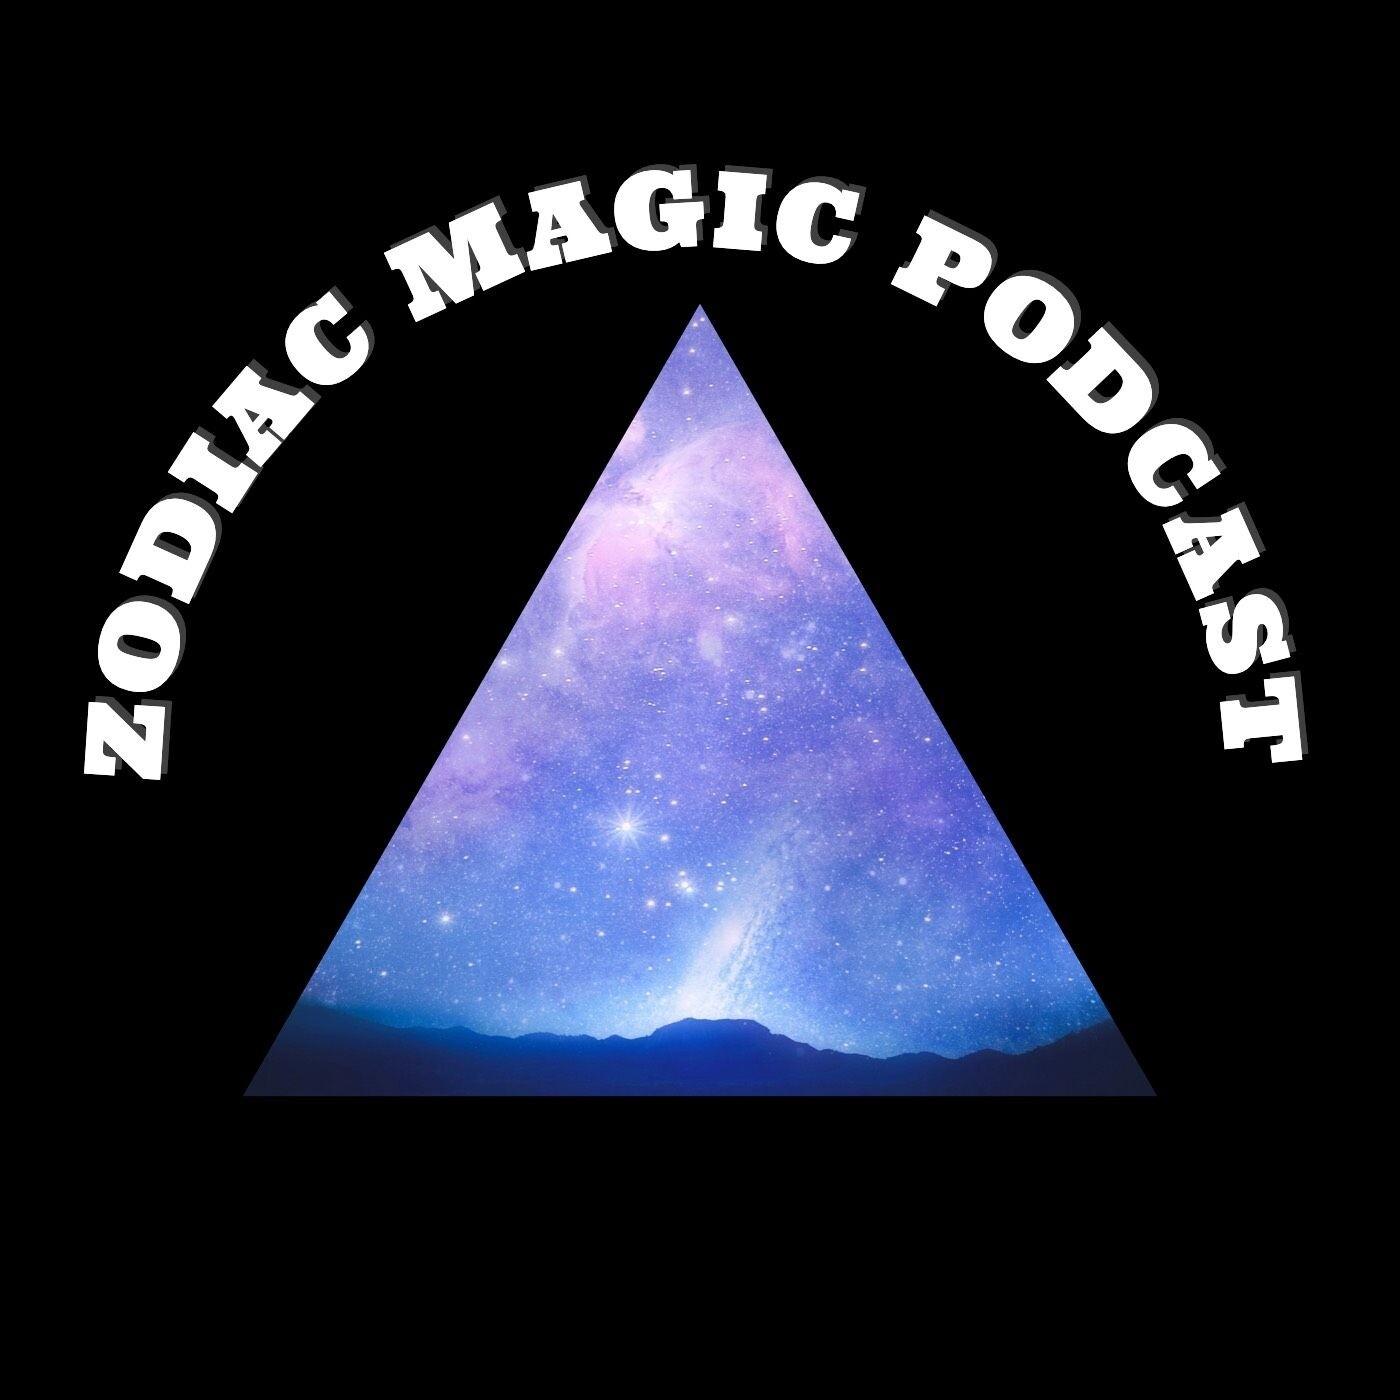 Your Hidden Power #165 - Healing The Planet Through a Divine Spirit